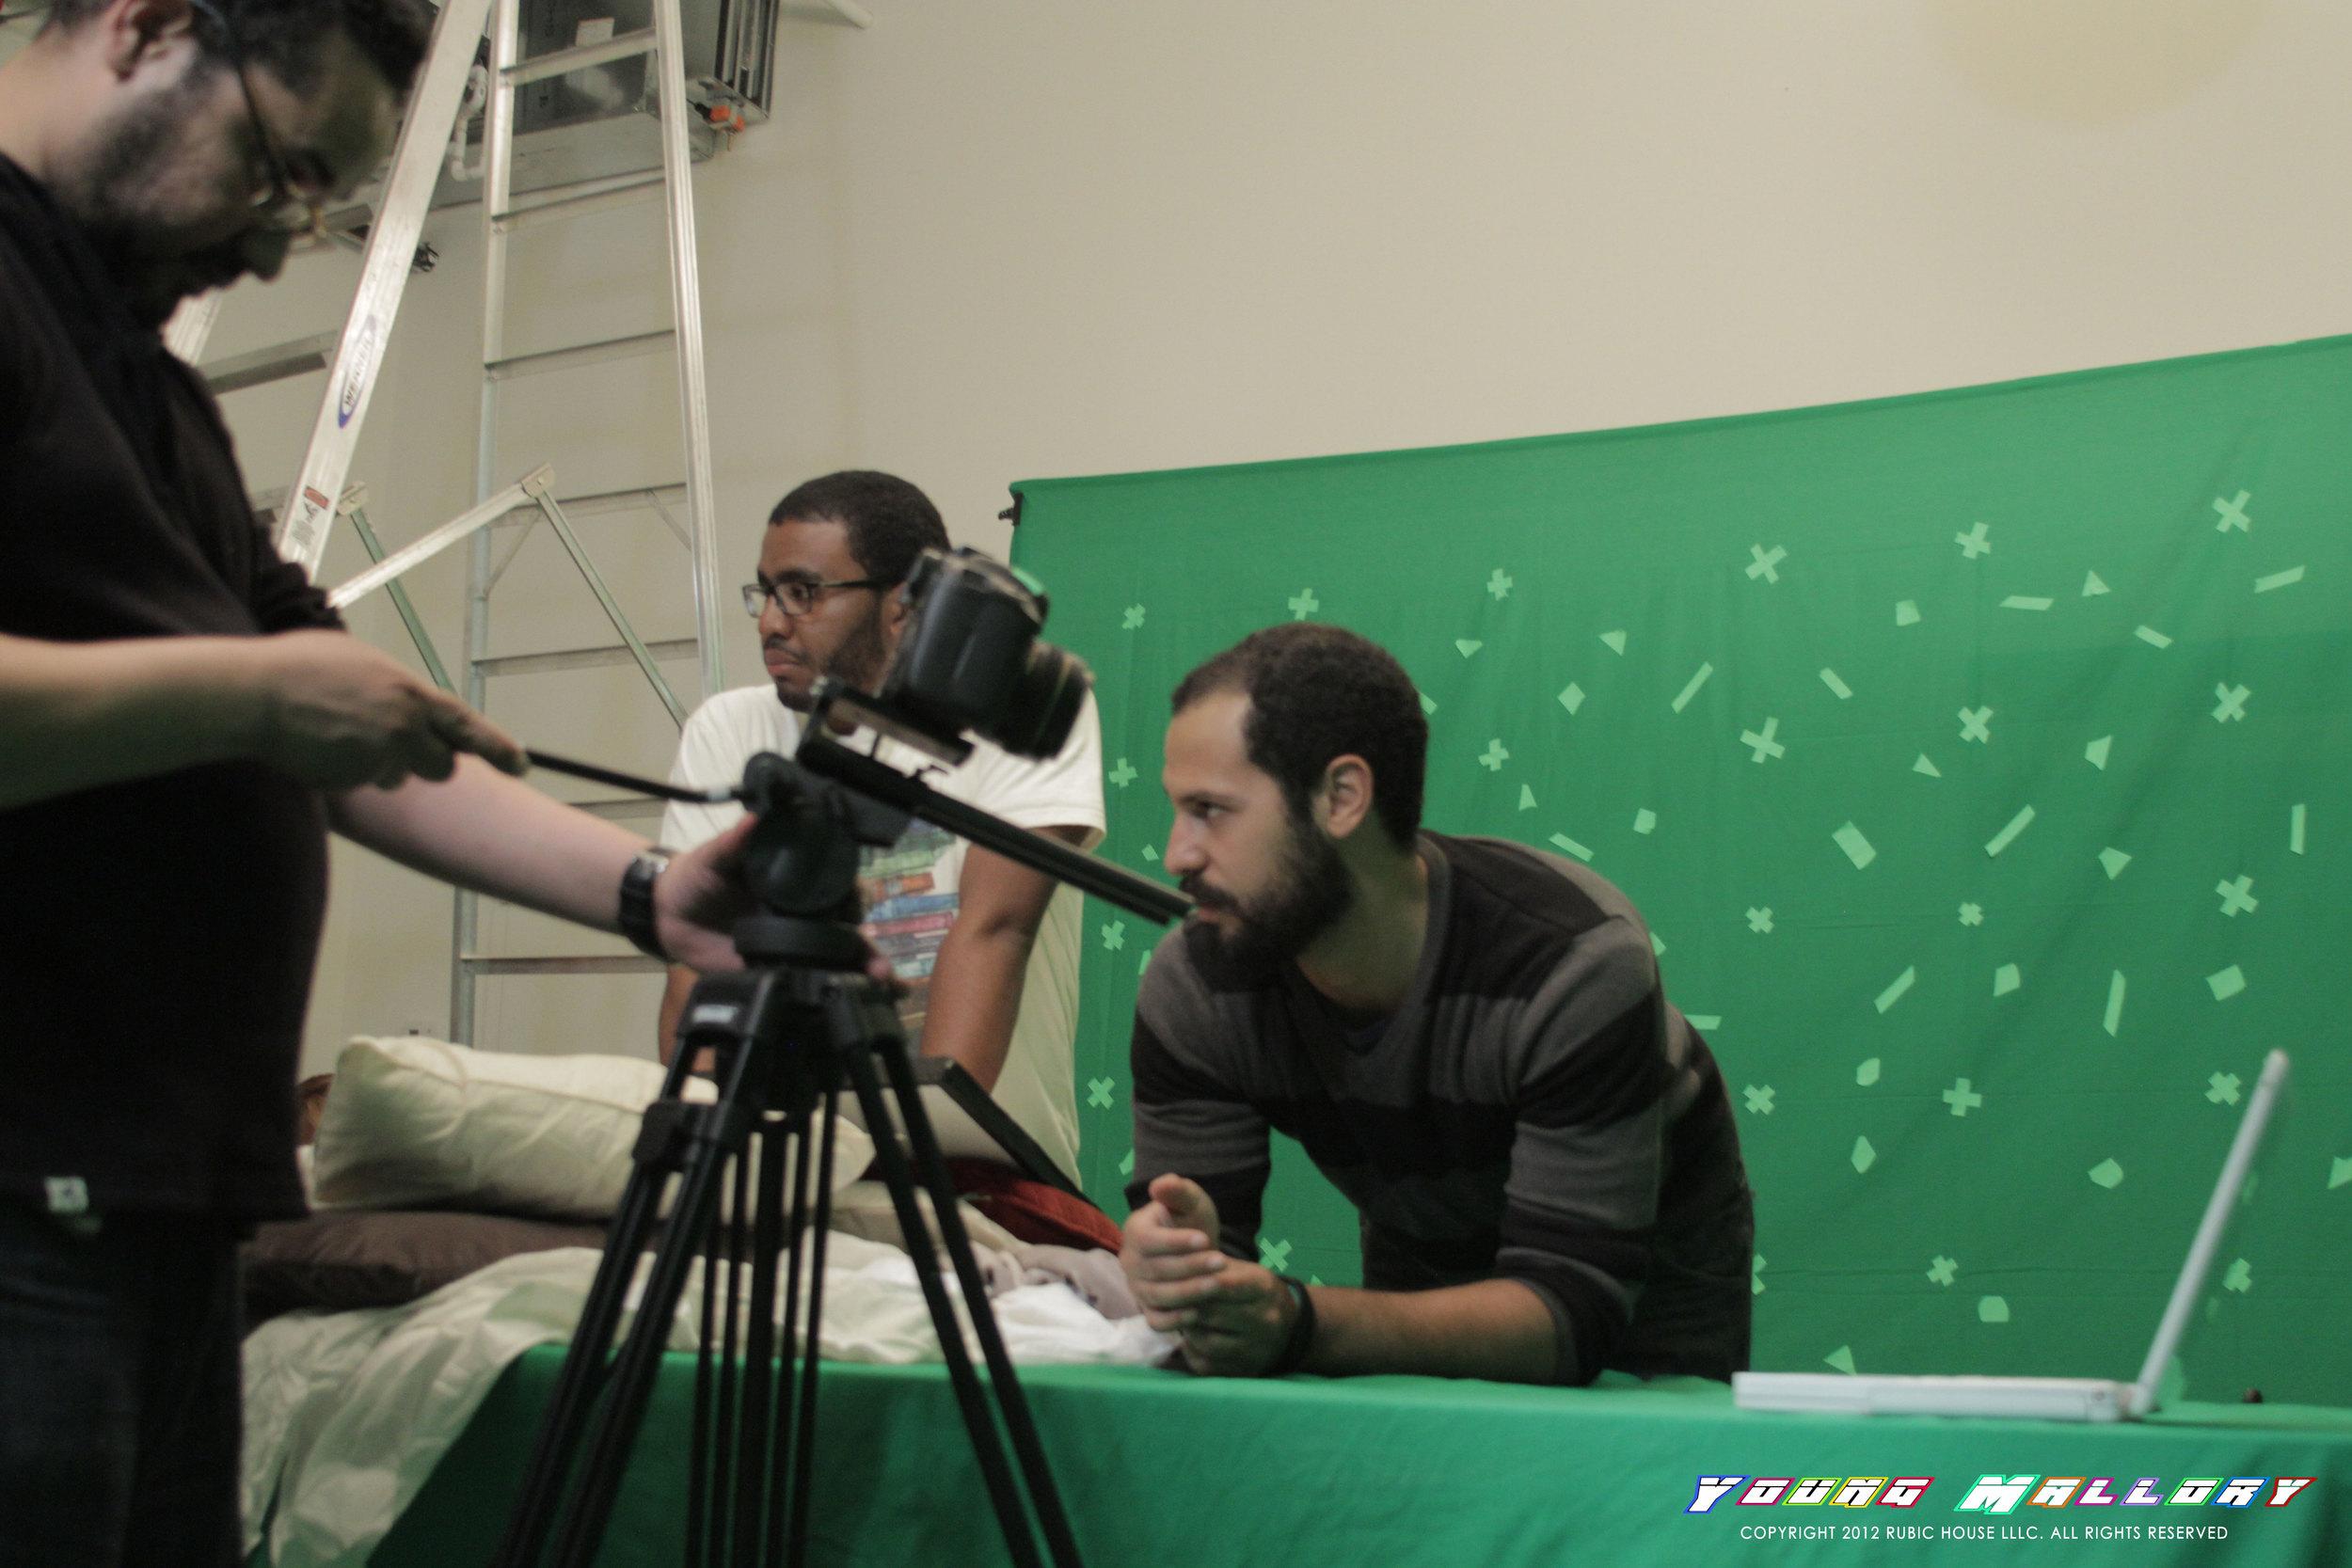 behind-the-scenes-photo-7.jpg